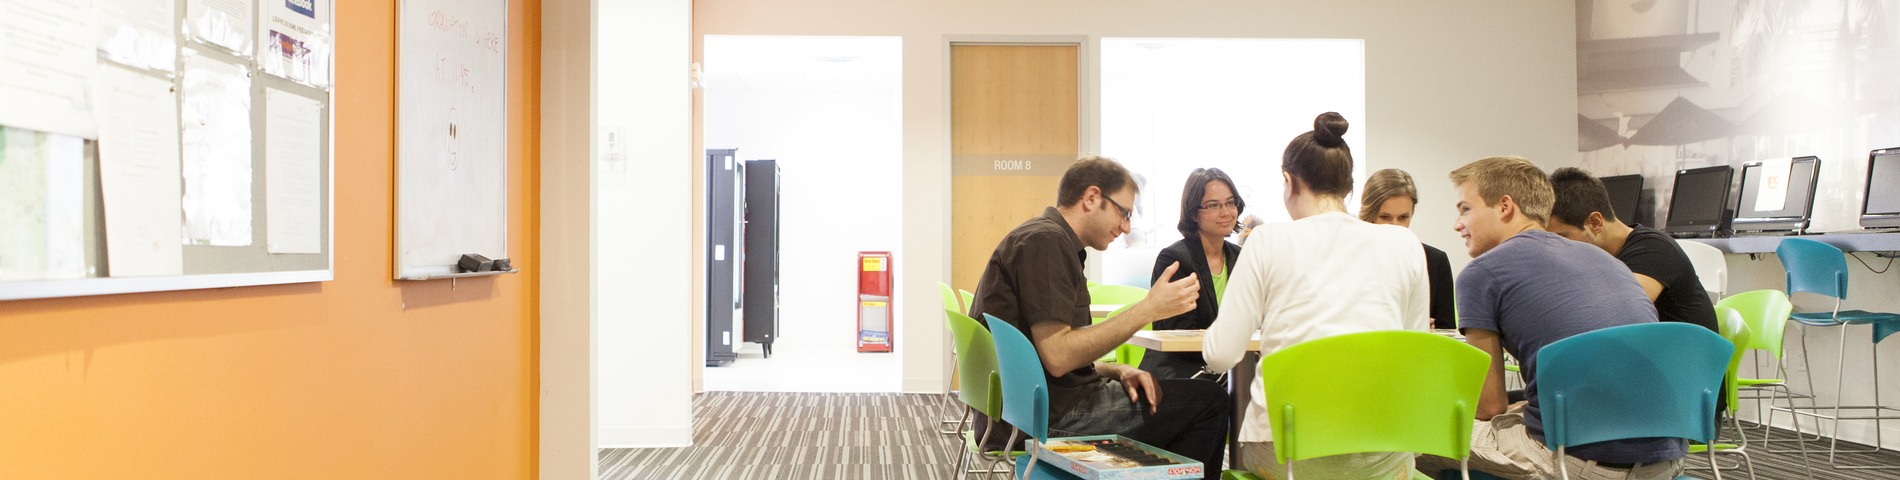 Imagen 1 de la escuela EC English